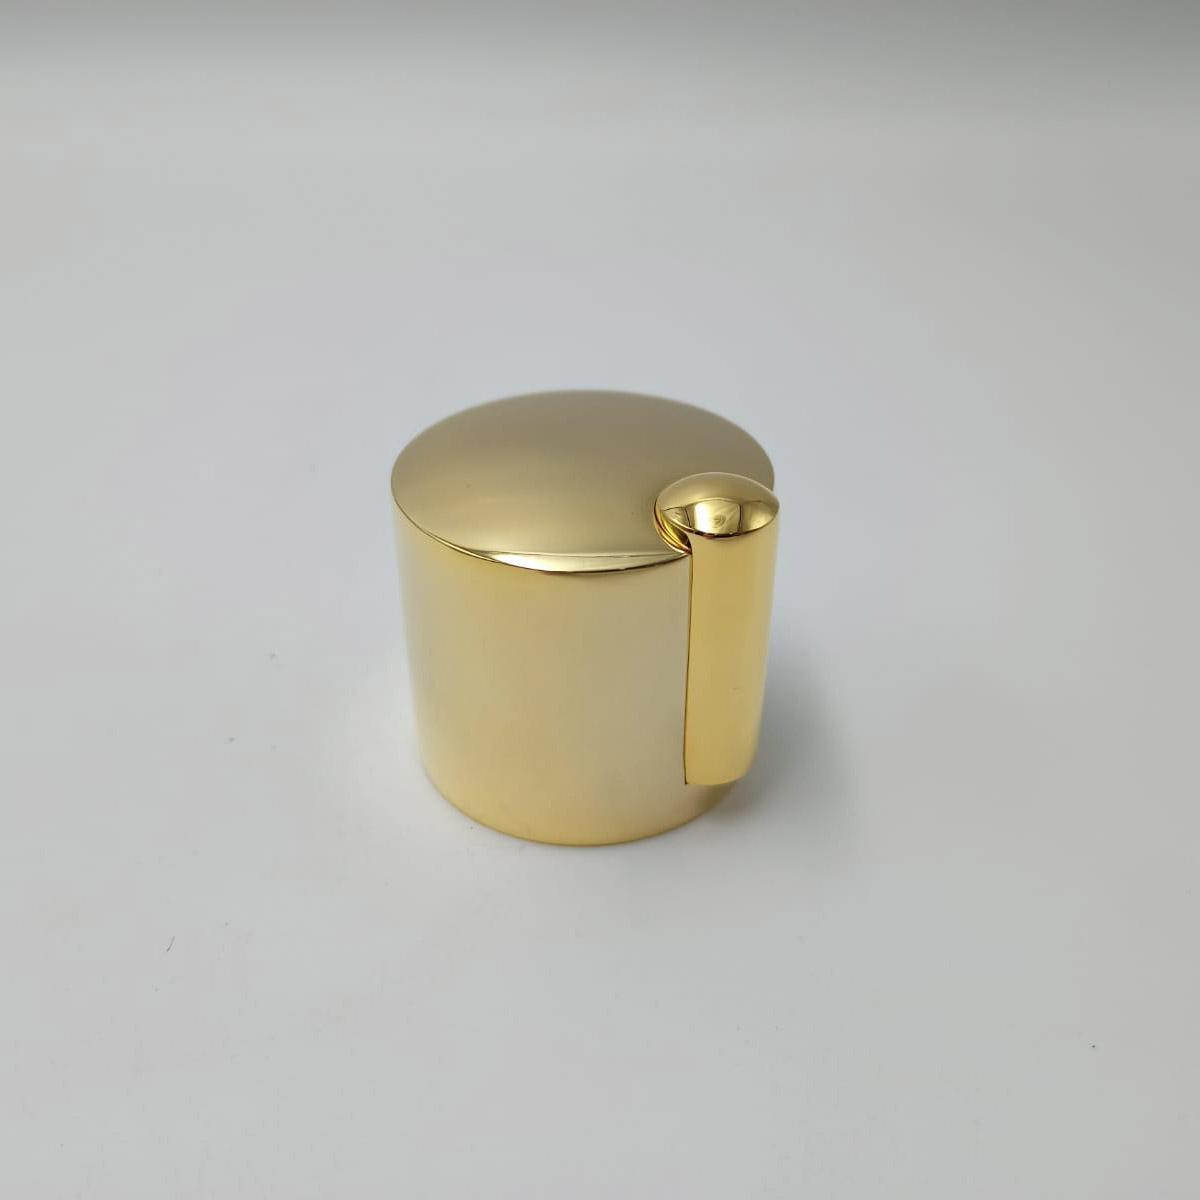 500006120 Mando Golden